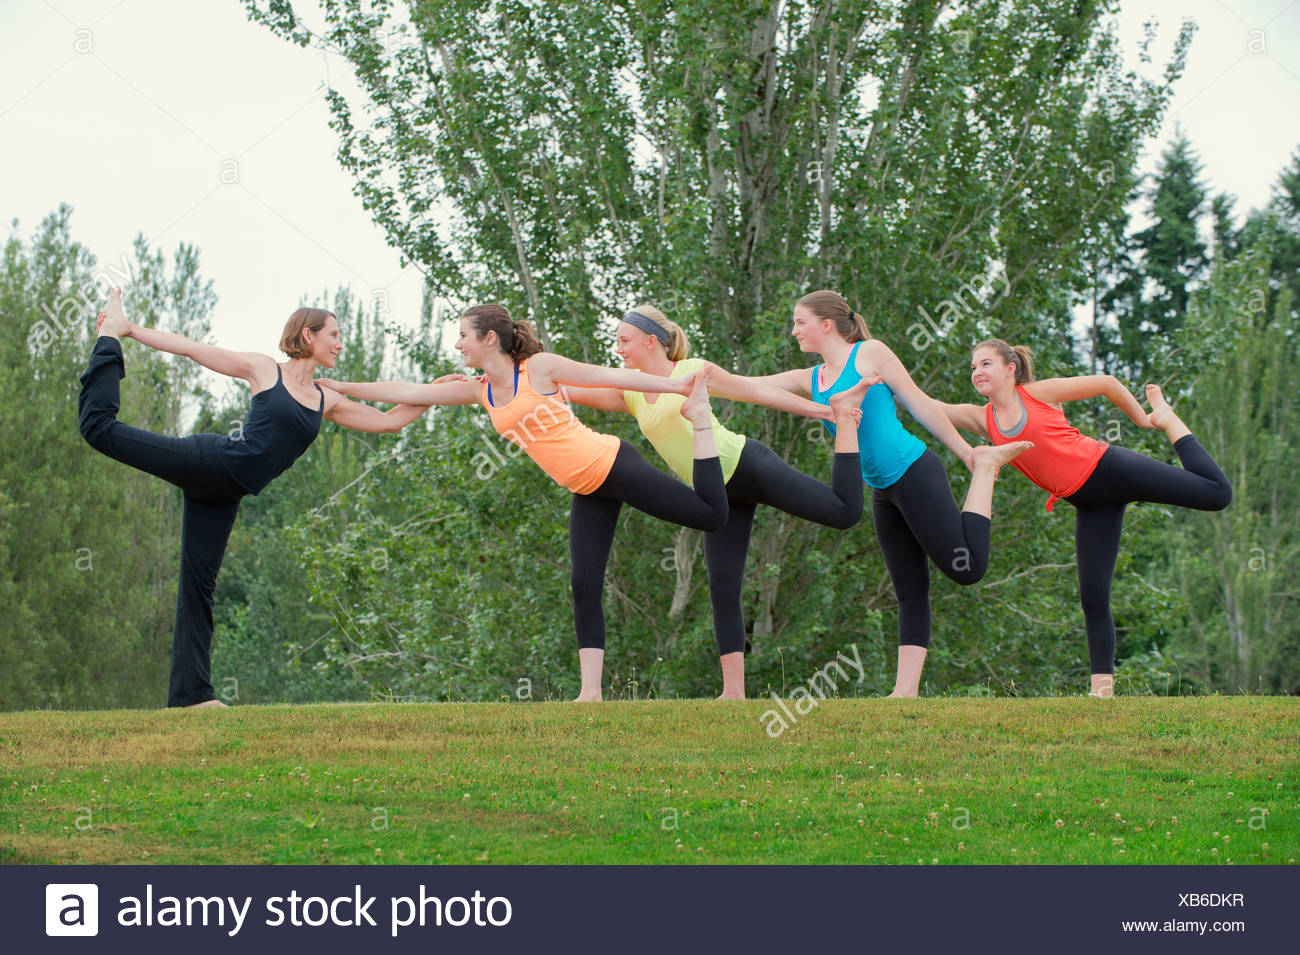 Teenage girls and yoga tutor standing on one leg - Stock Image